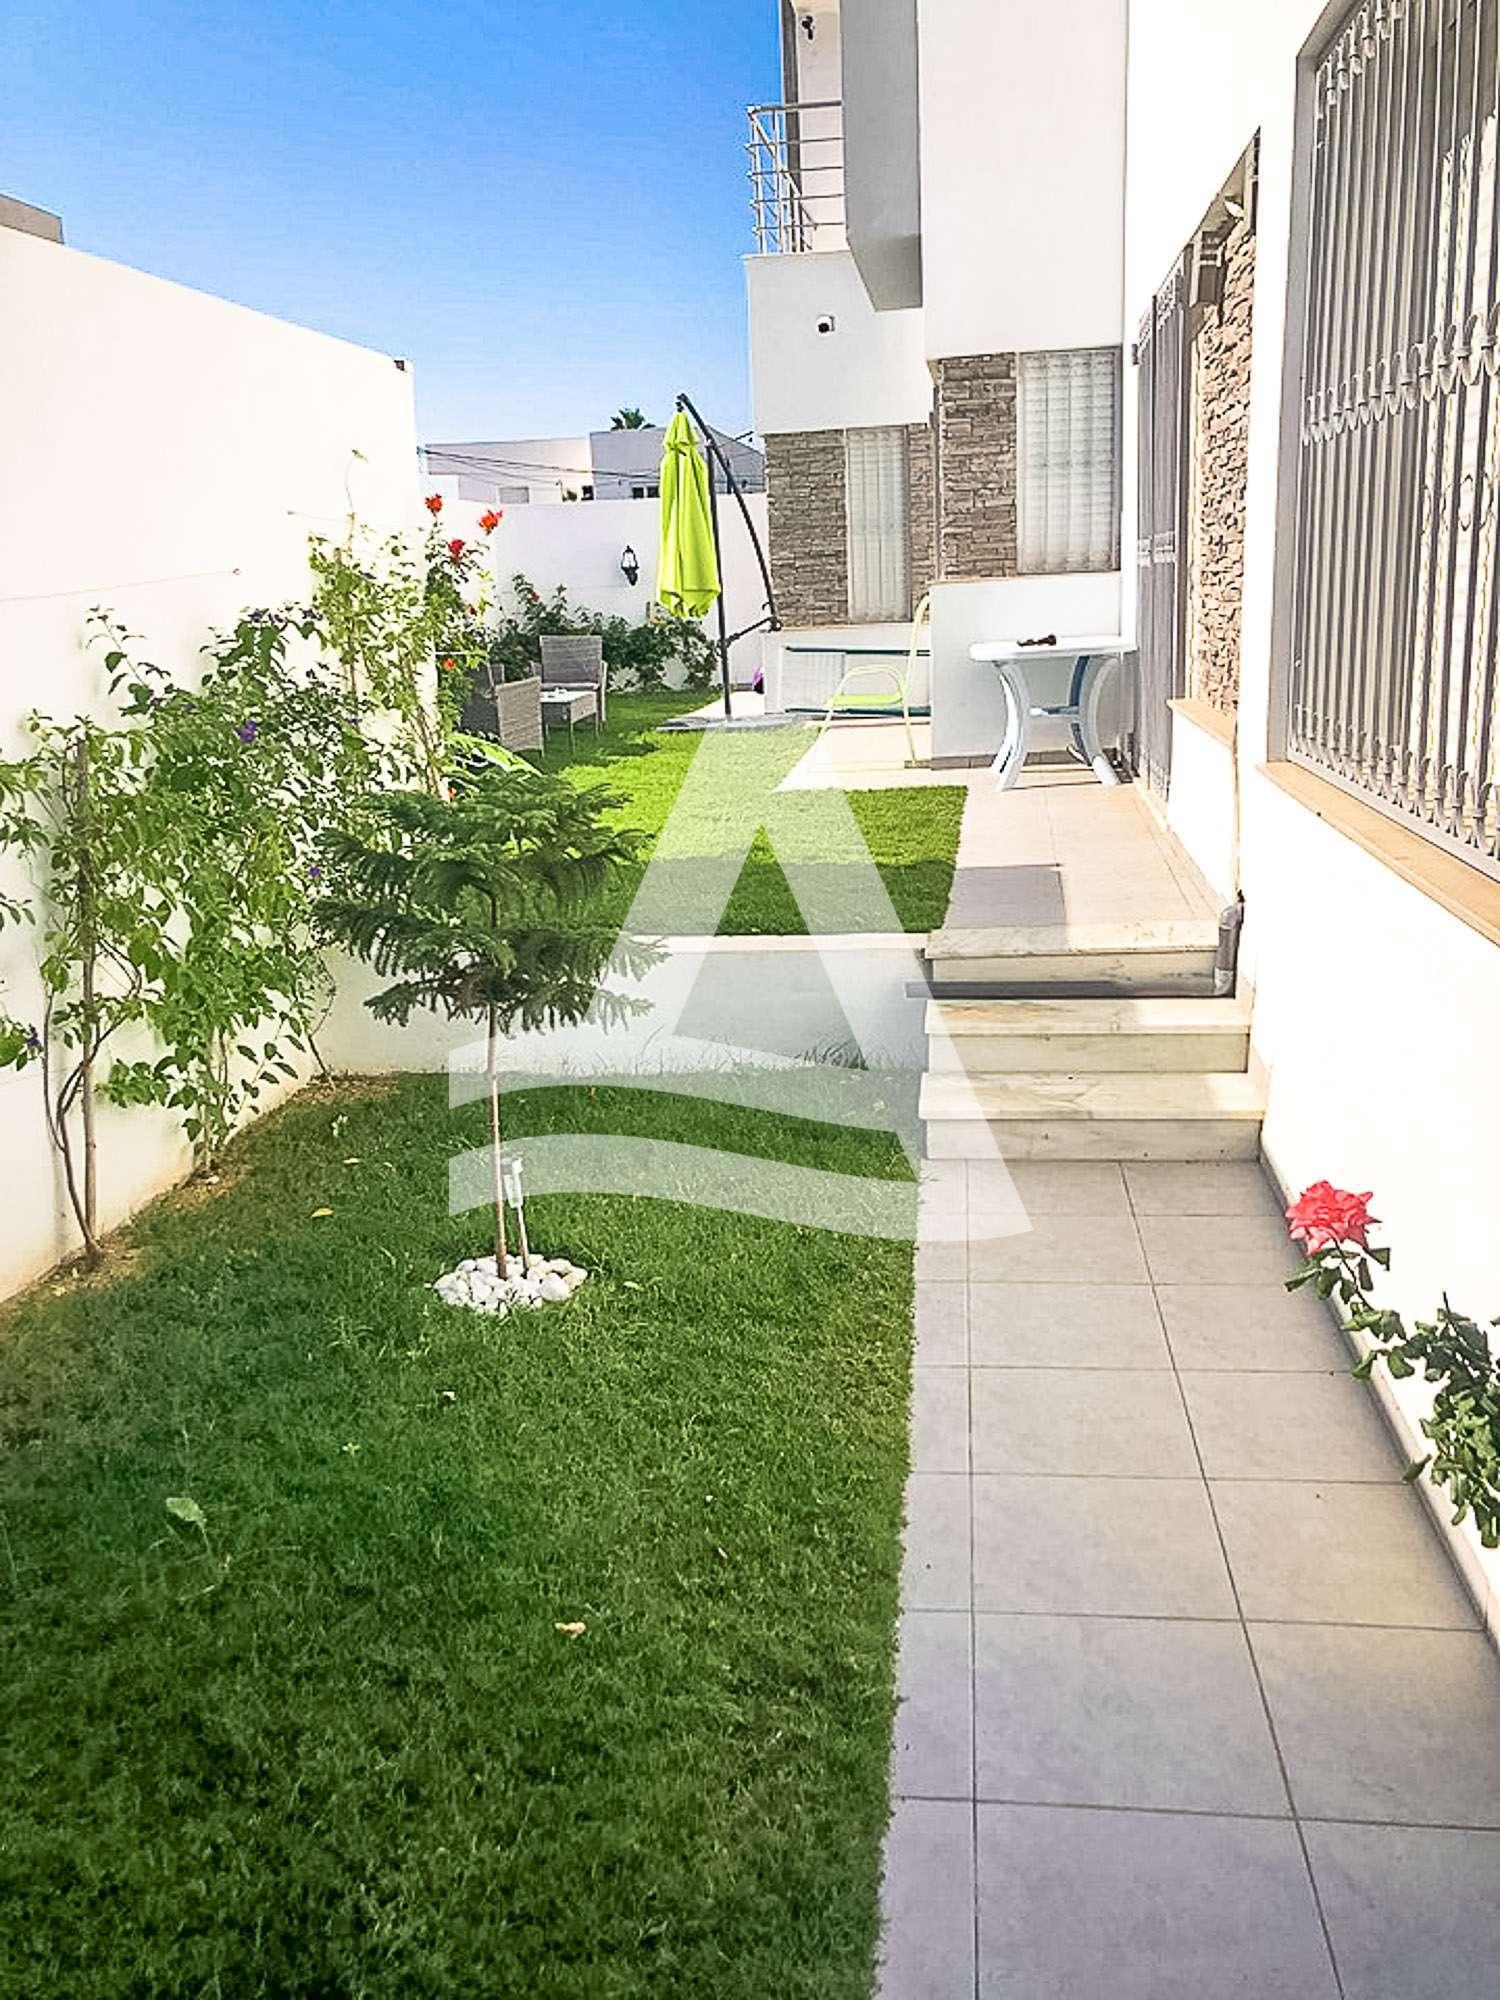 httpss3.amazonaws.comlogimoaws8276603171631112190_Arcane_immobilière_la_Marsa-_location_-_vente_la_marsa__-9_1576661103184-2